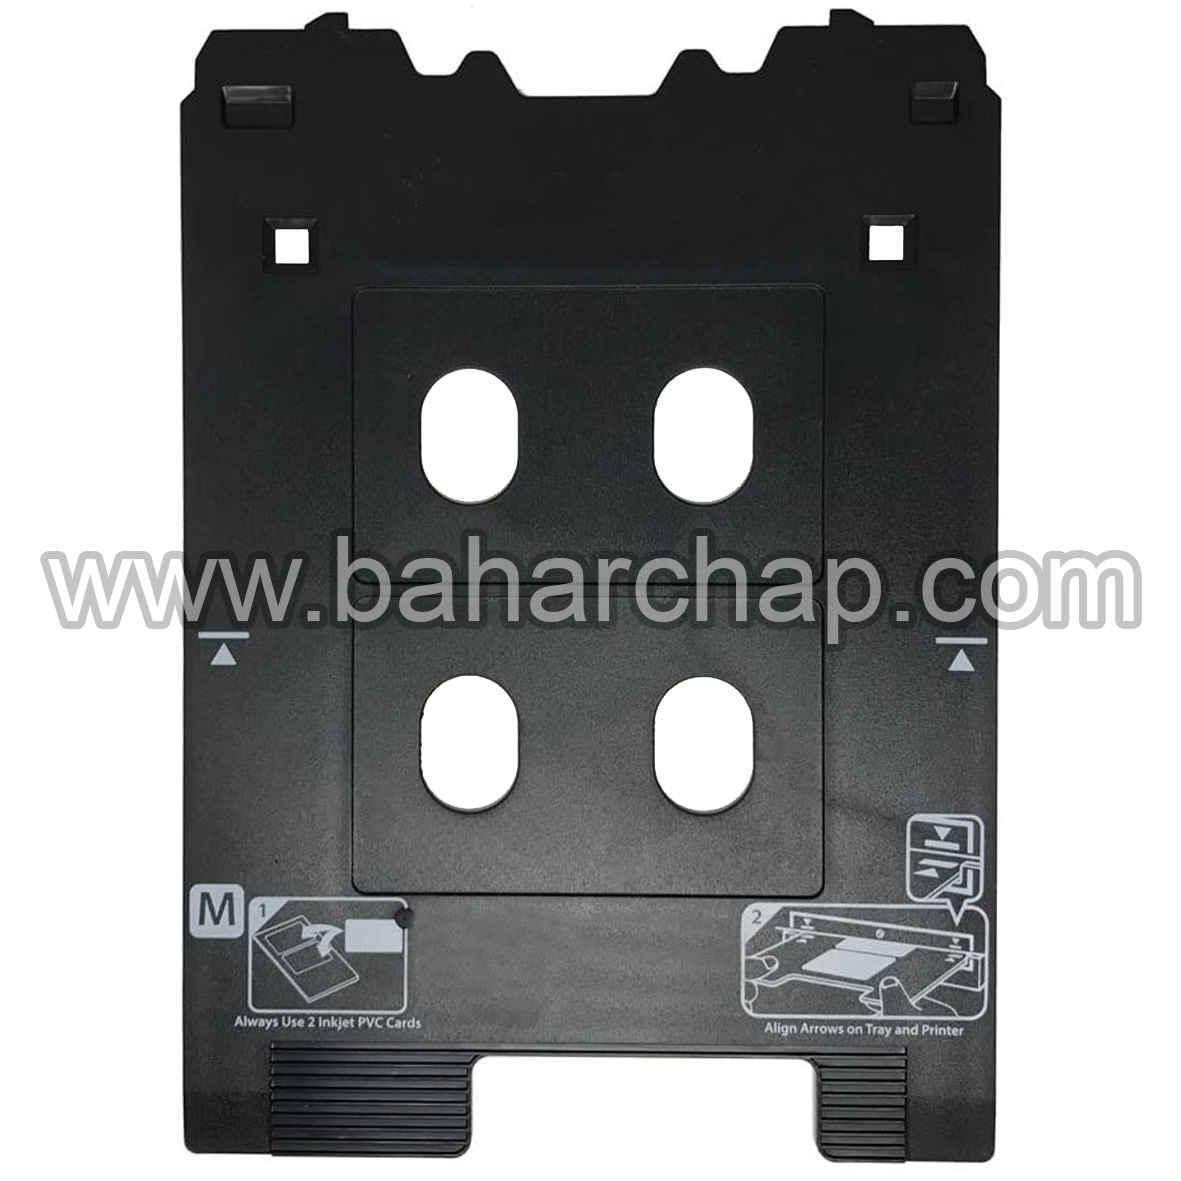 فروشگاه و خدمات اینترنتی بهارچاپ اصفهان-سینی چاپ کارت PVC ویژه پرینترهای CANON TS سری M-Inkjet PVC Card Tray for Canon PIXMA TS80,81xx and TS90,91xx